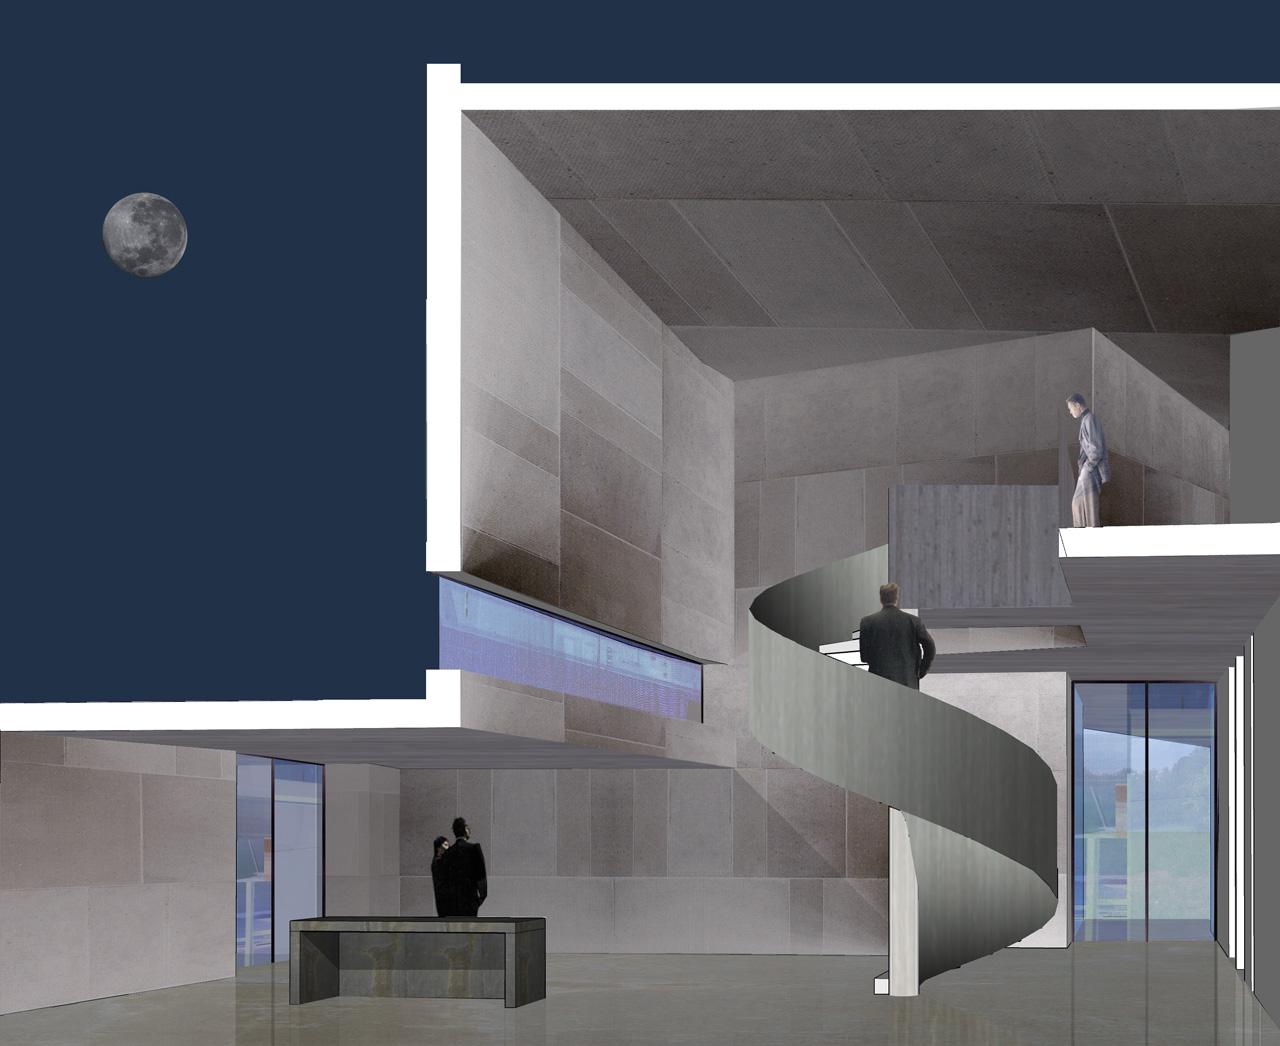 euromov lhenry architecture. Black Bedroom Furniture Sets. Home Design Ideas